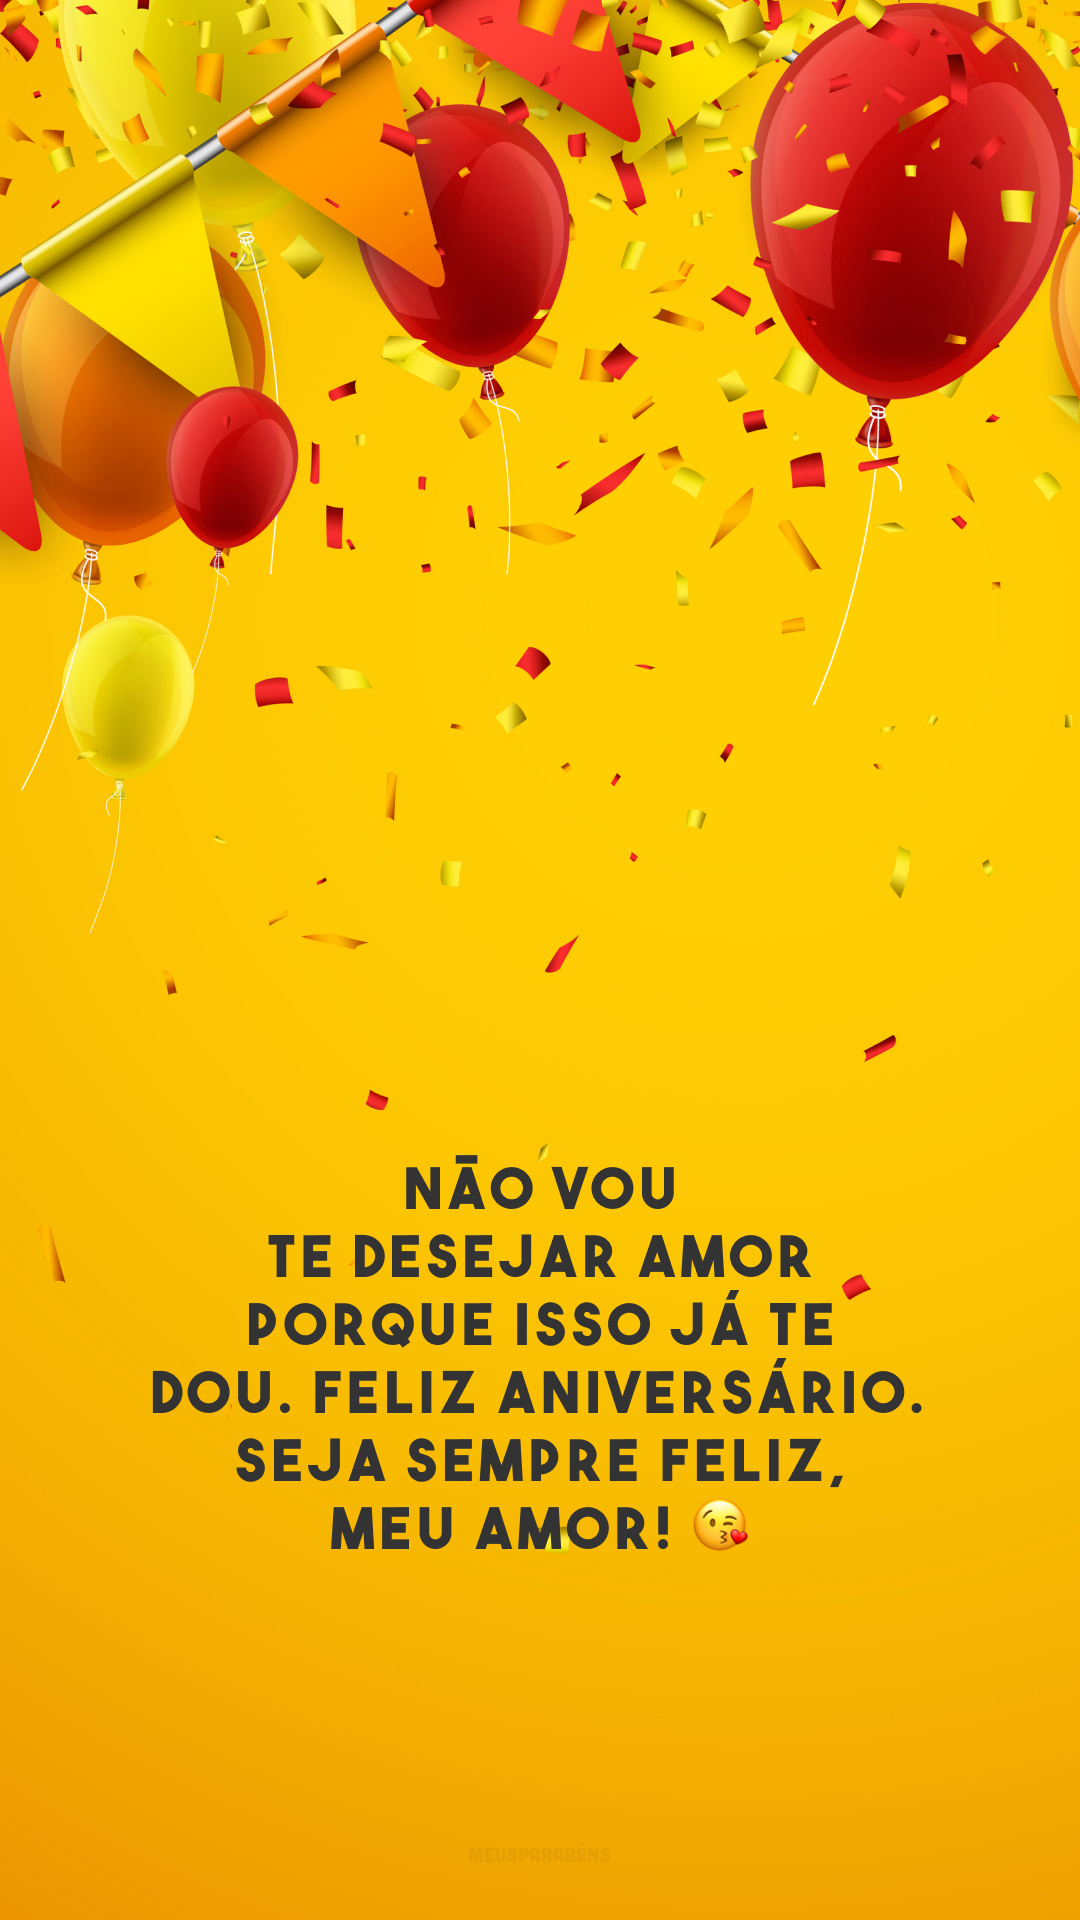 Não vou te desejar amor porque isso já te dou. Feliz aniversário. Seja sempre feliz, meu amor! 😘